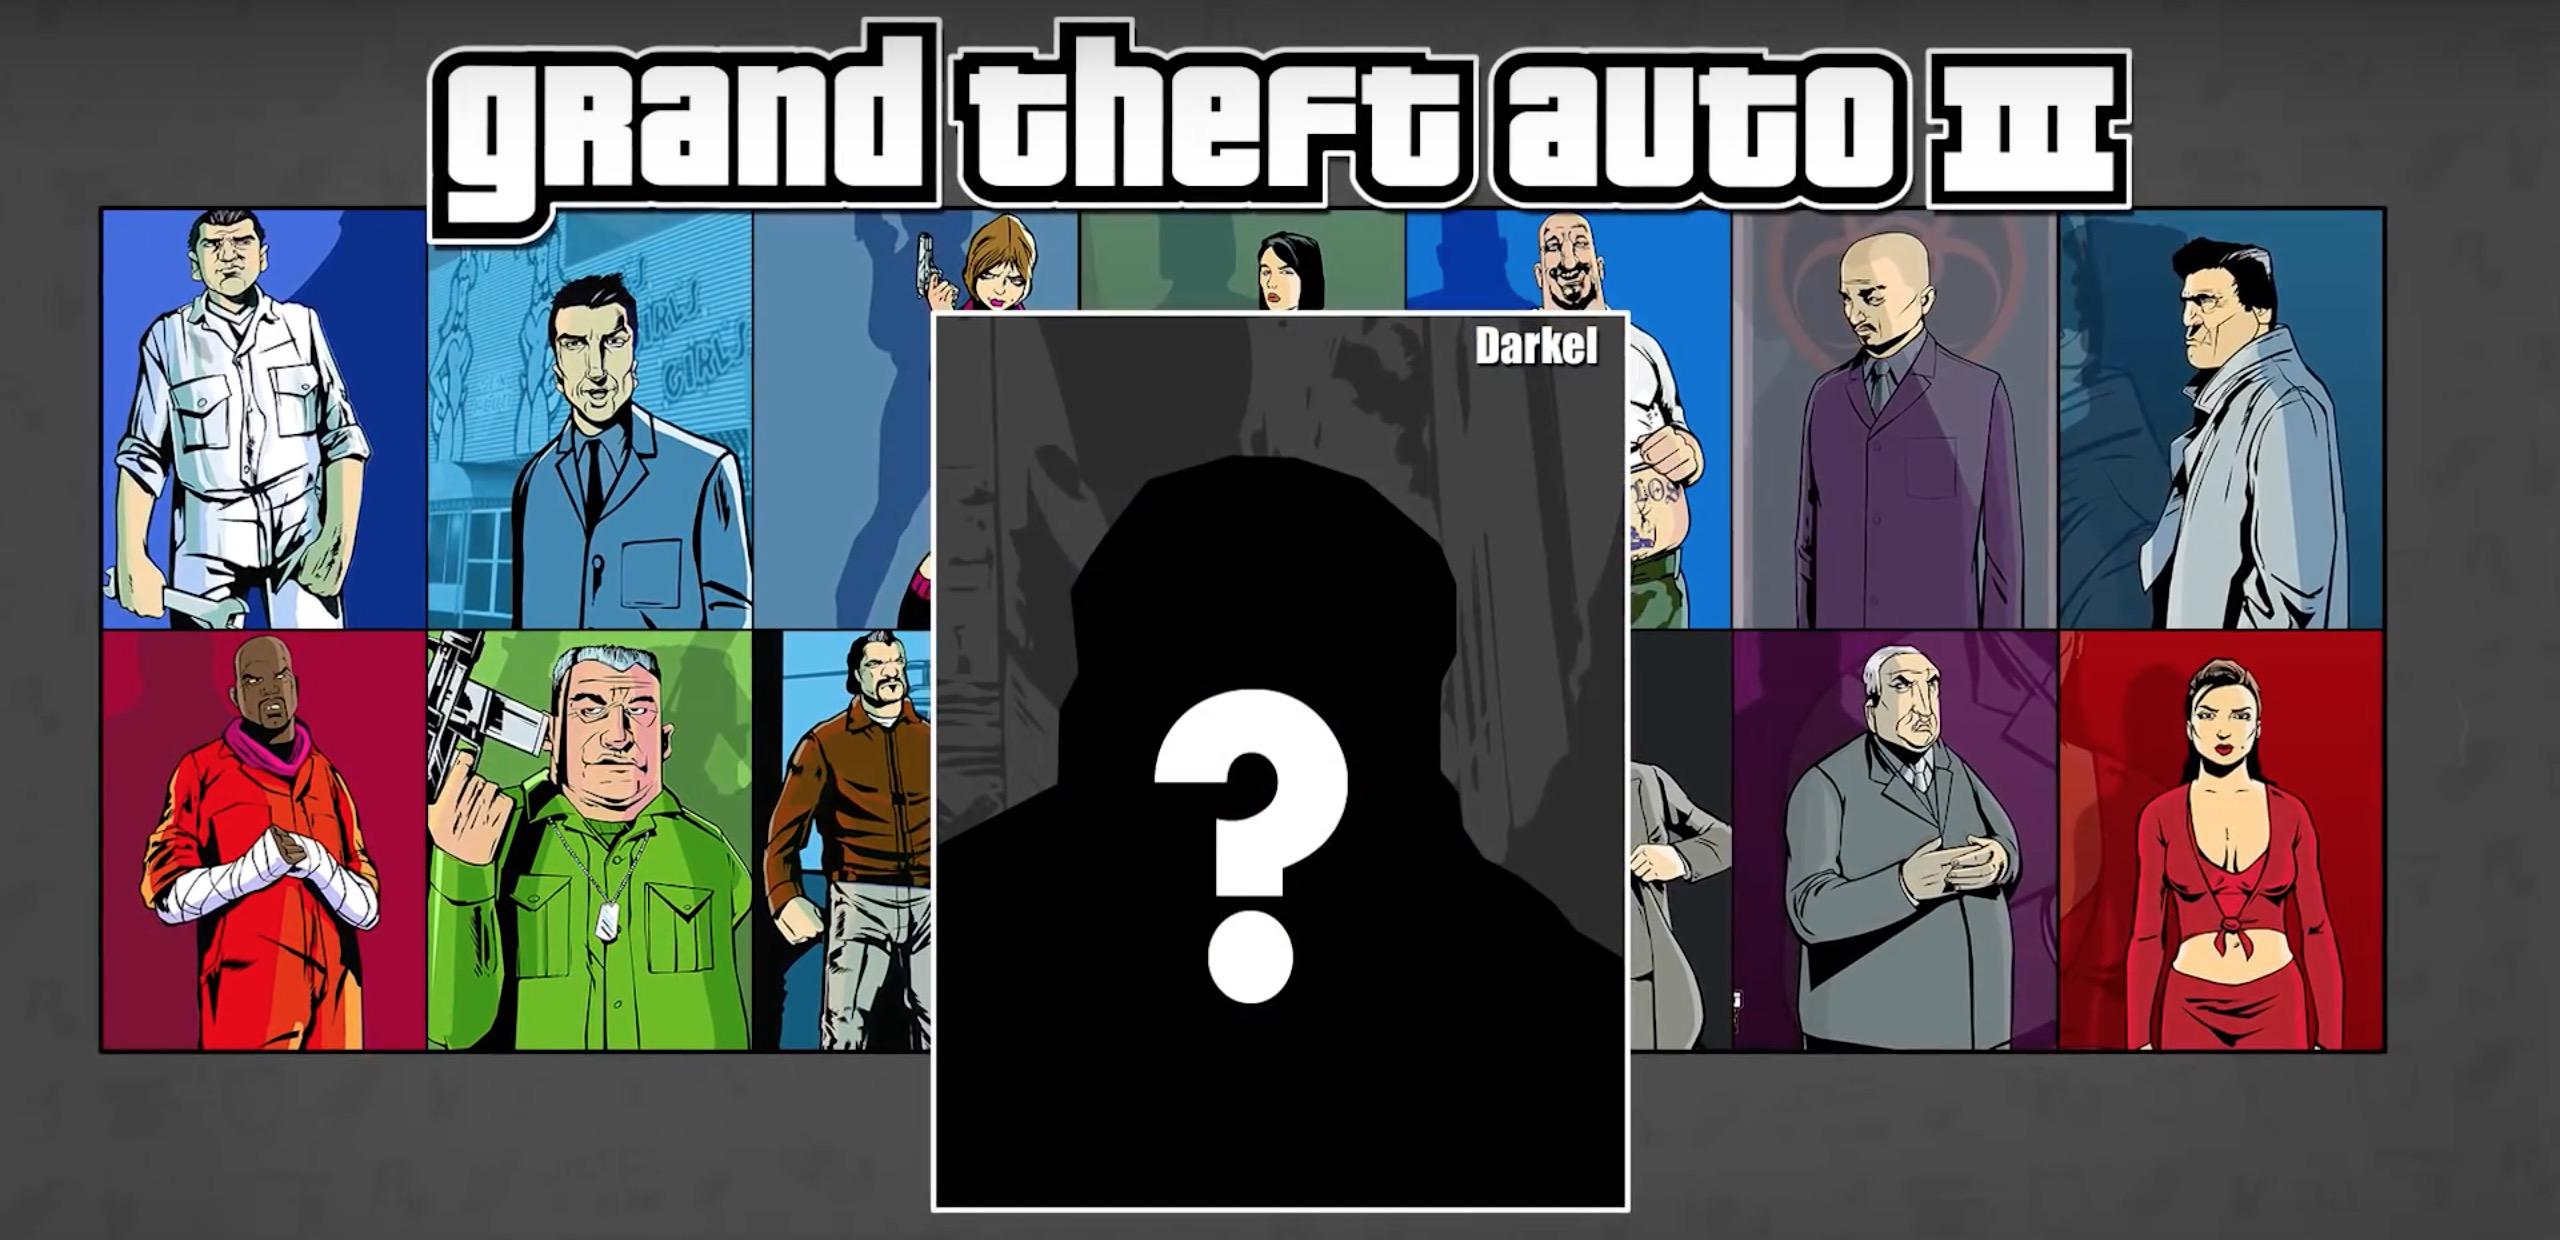 Uwielbiam takie historie. Grand Theft Auto III miało być znacznie bardziej mroczne i brutalne